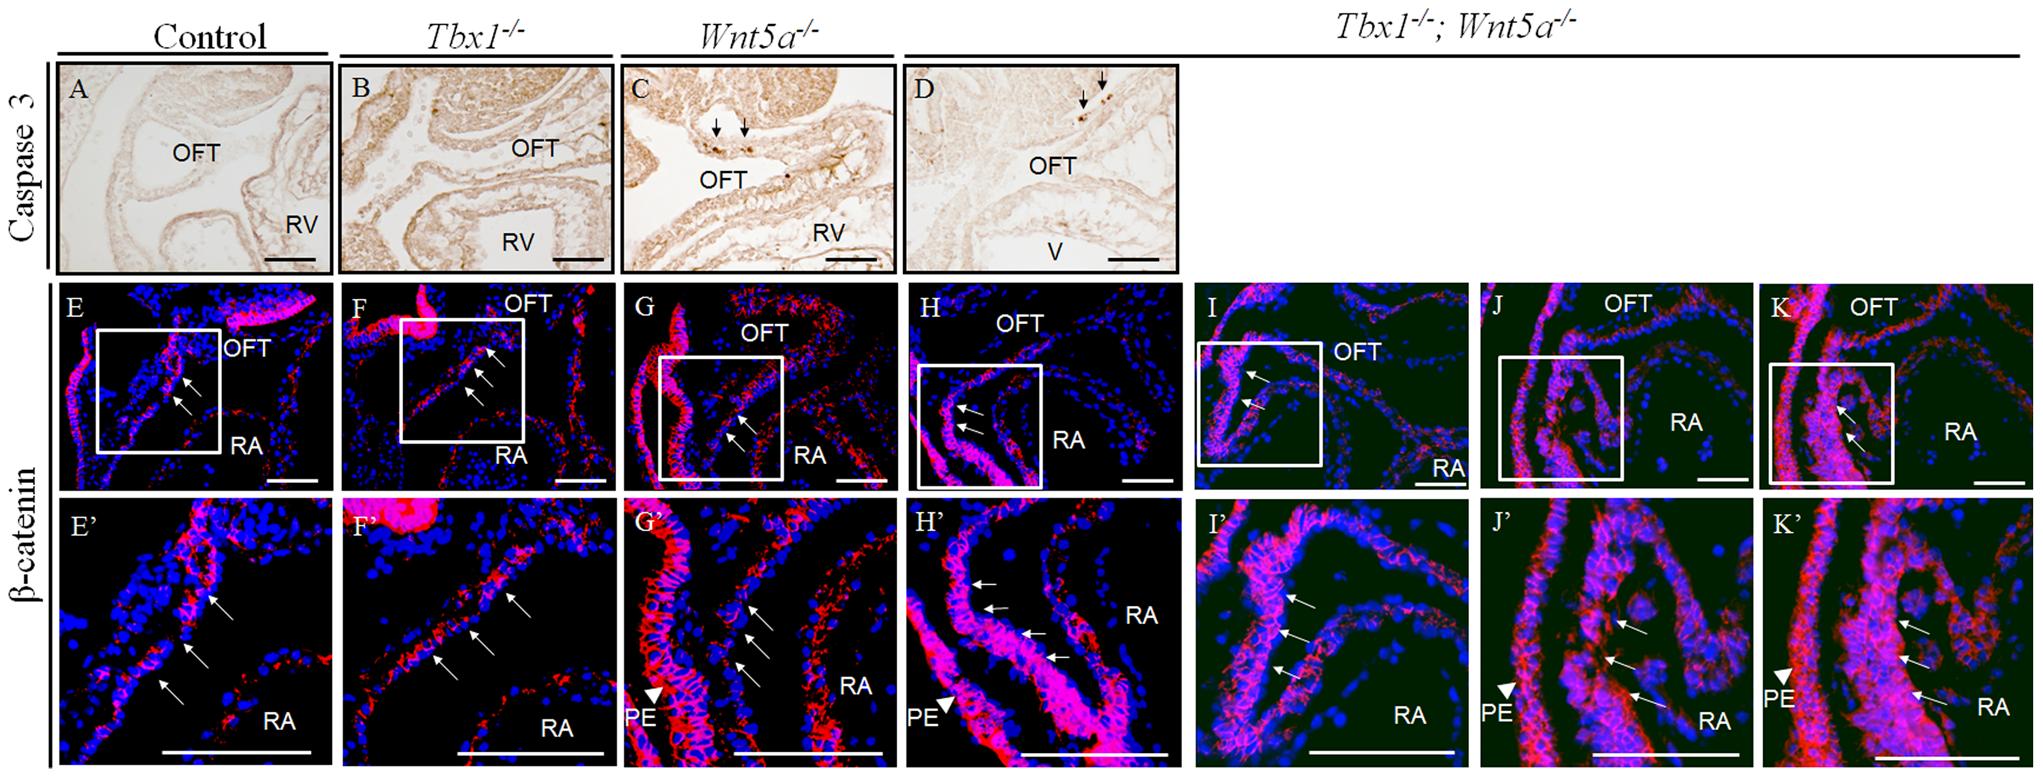 β-Catenin is upregulated in the SHF of <i>Tbx1<sup>−/−</sup>;Wnt5a<sup>−/−</sup></i> embryos at E9.5.